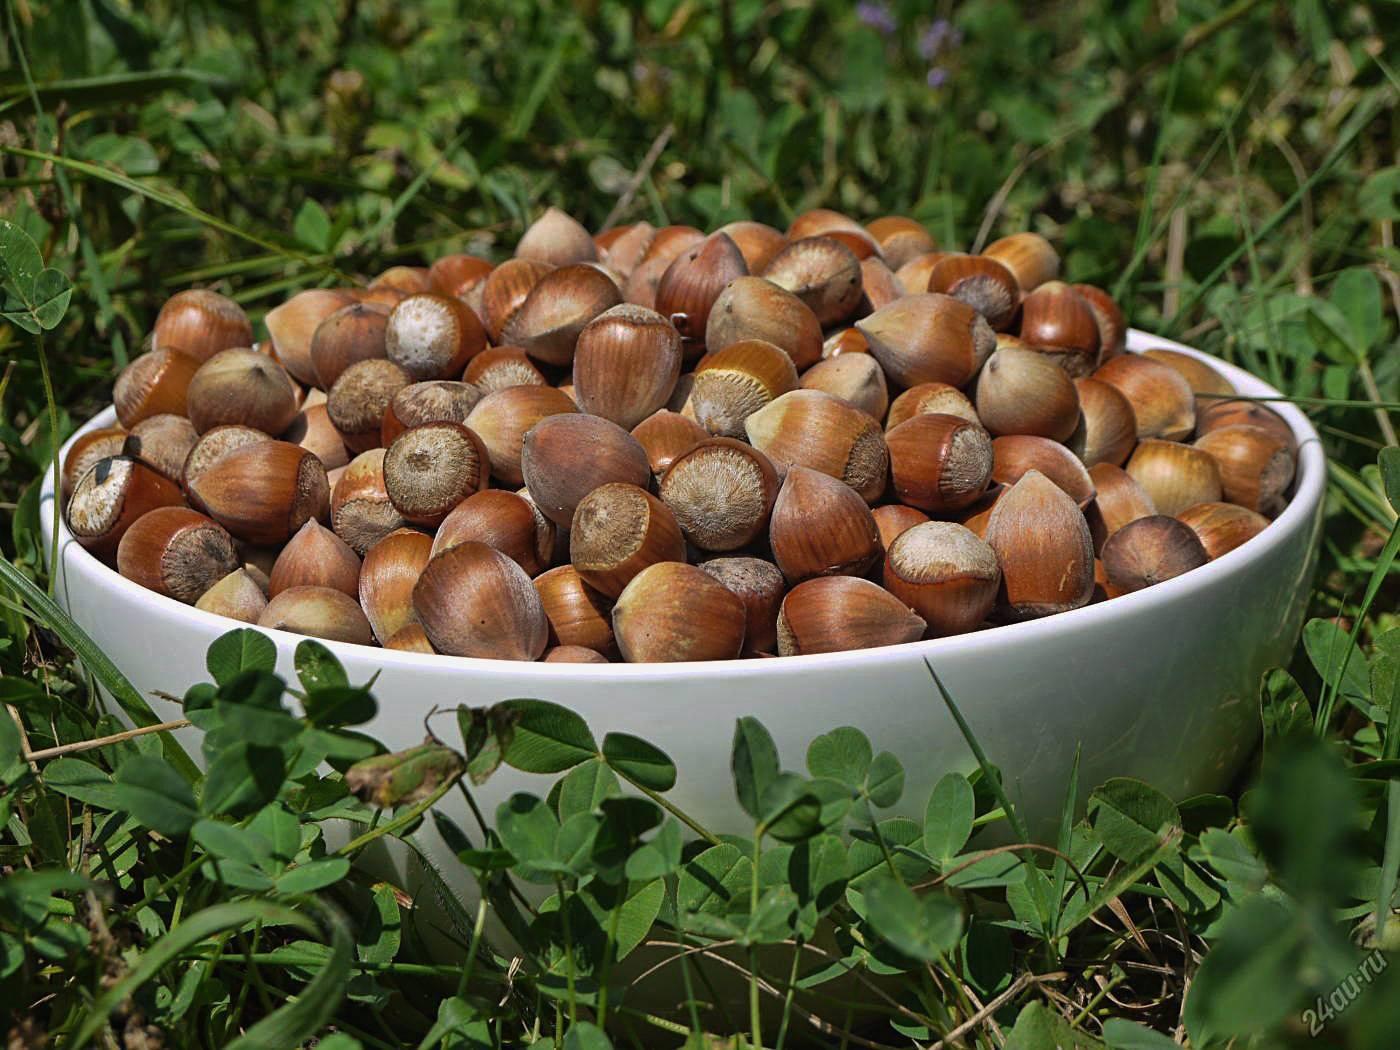 Как самому вырастить фундук: выращивание из ореха в домашних условиях и на даче